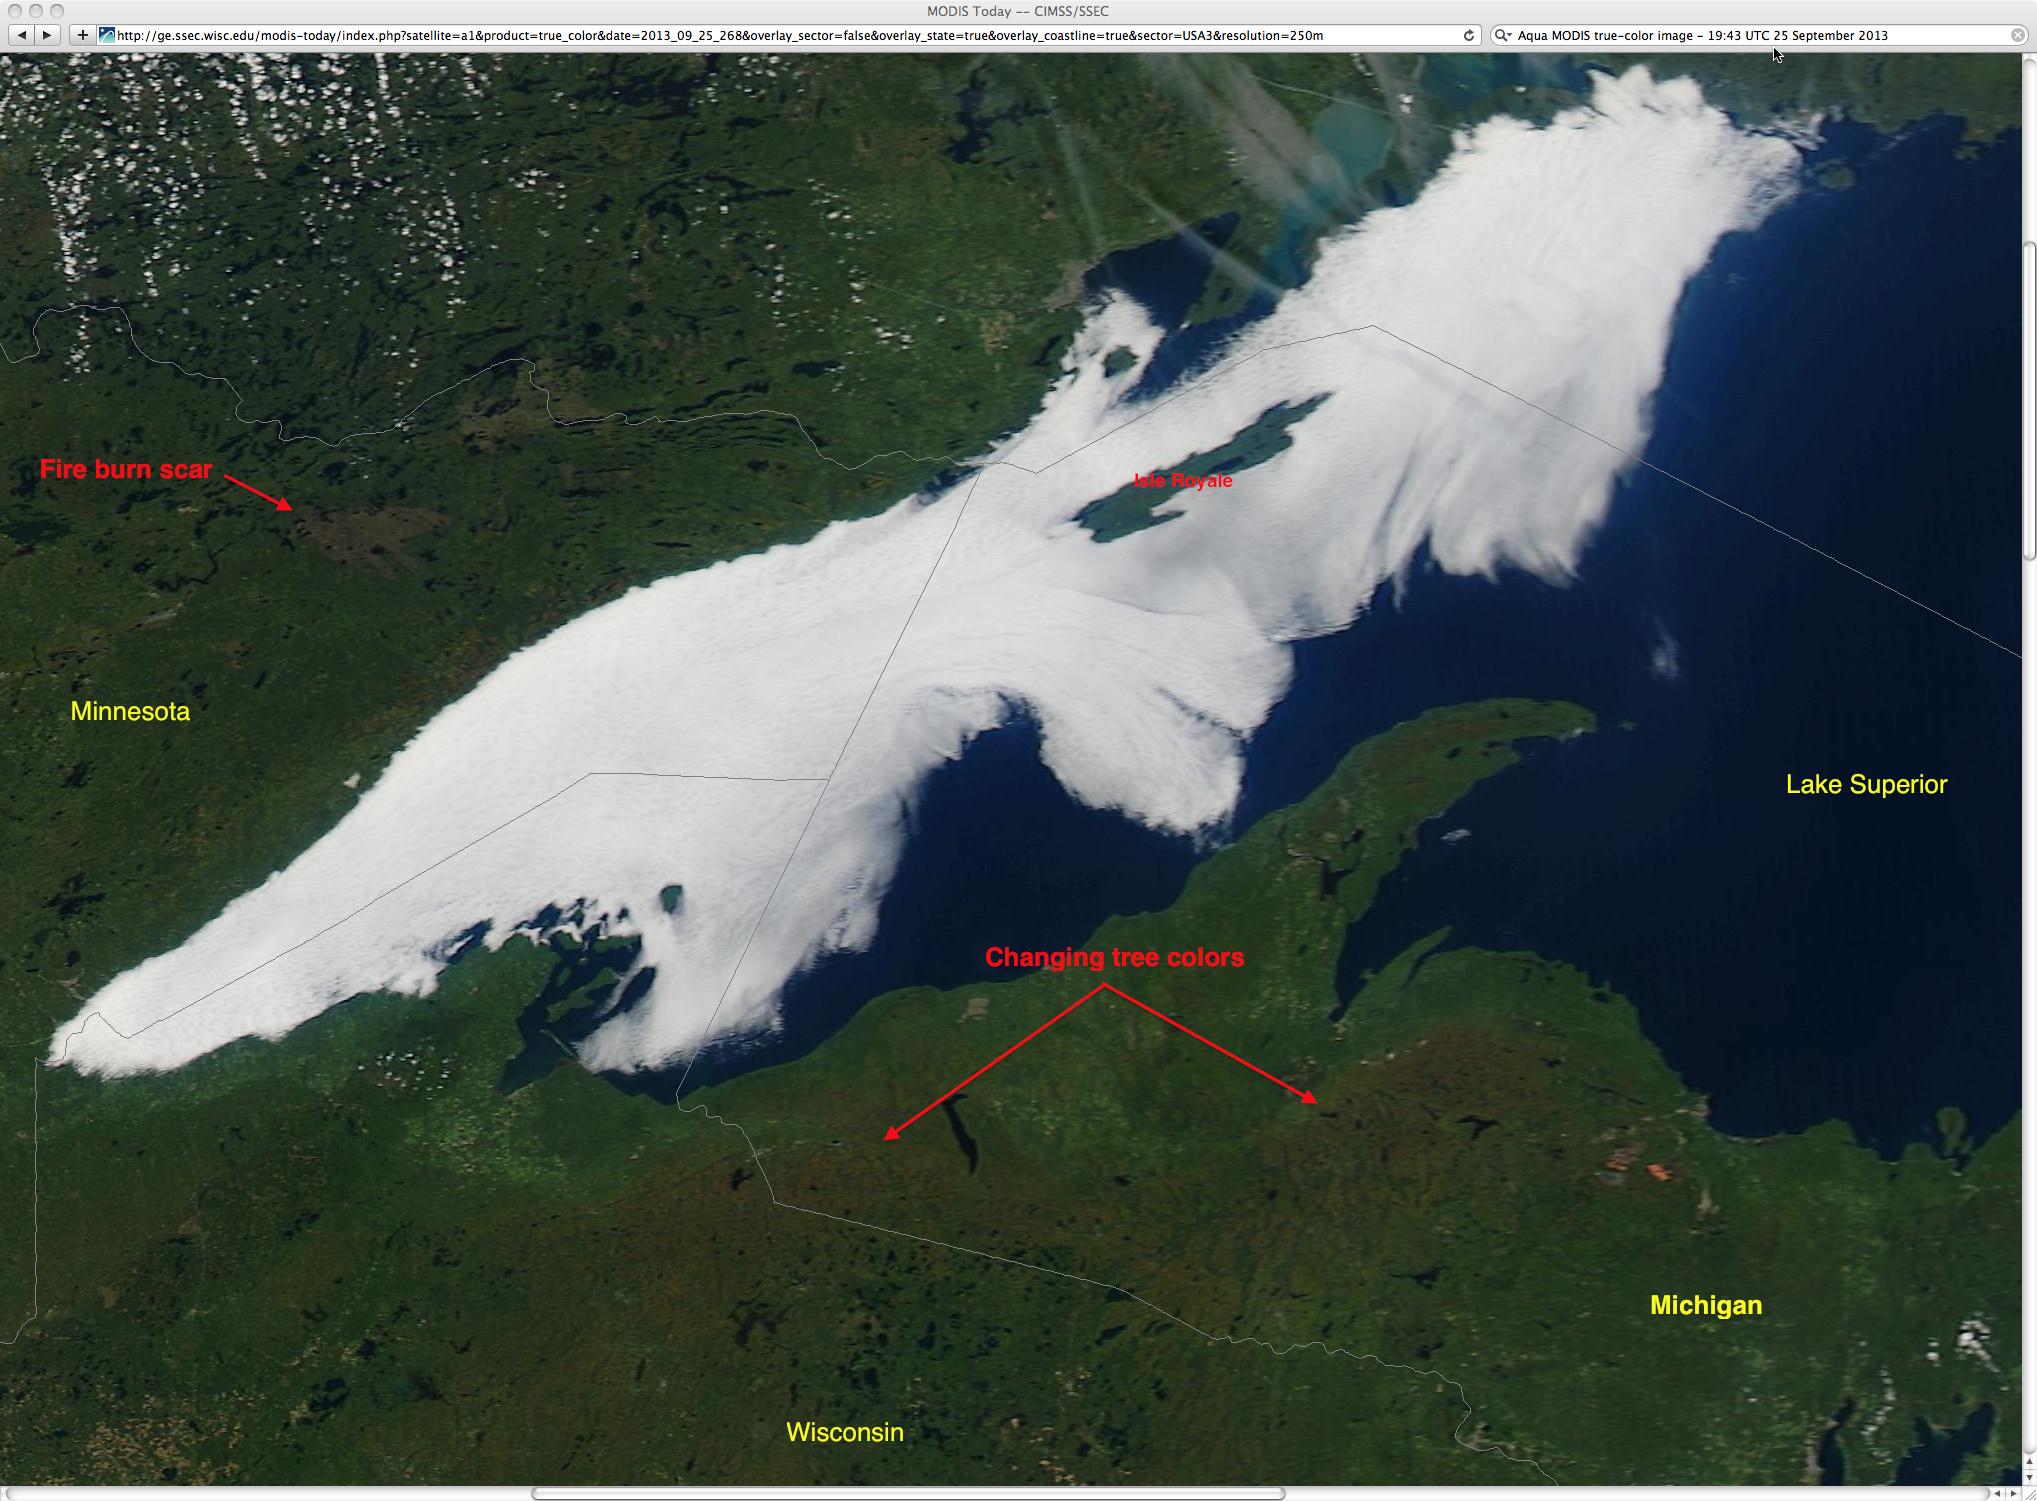 Aqua MODIS true-color image